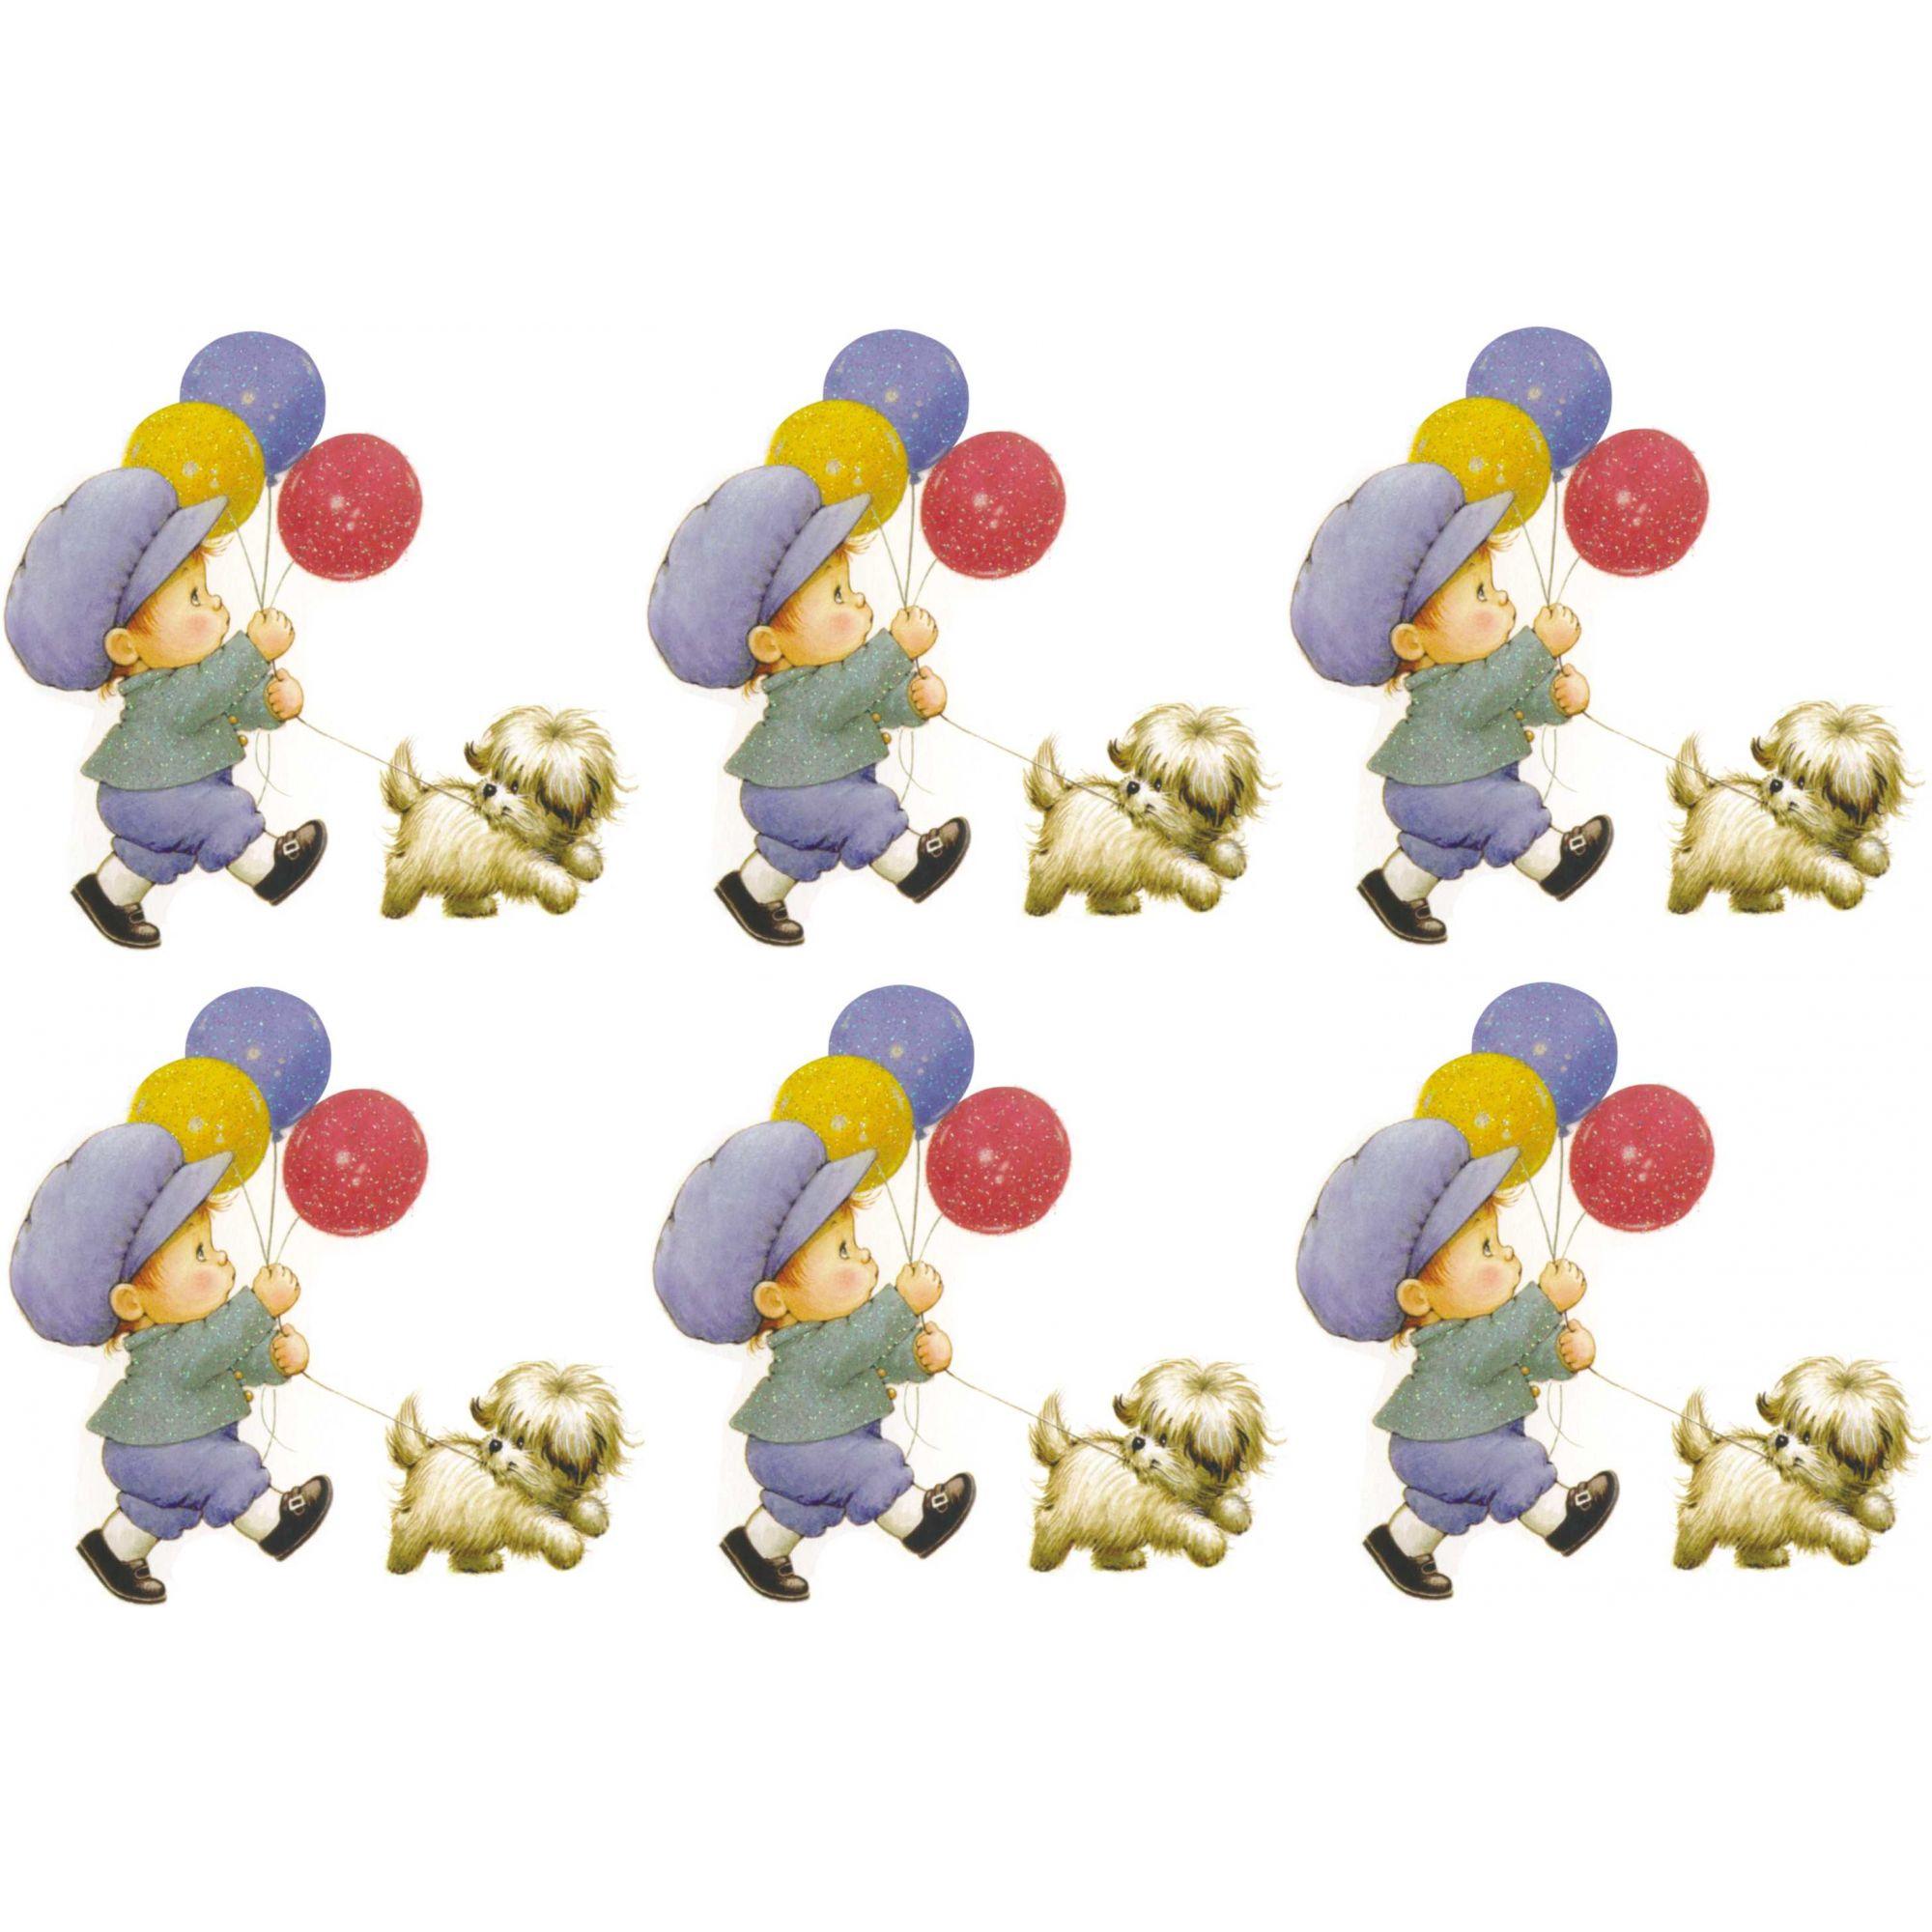 Decalque para Porcelana - Meninos Balão